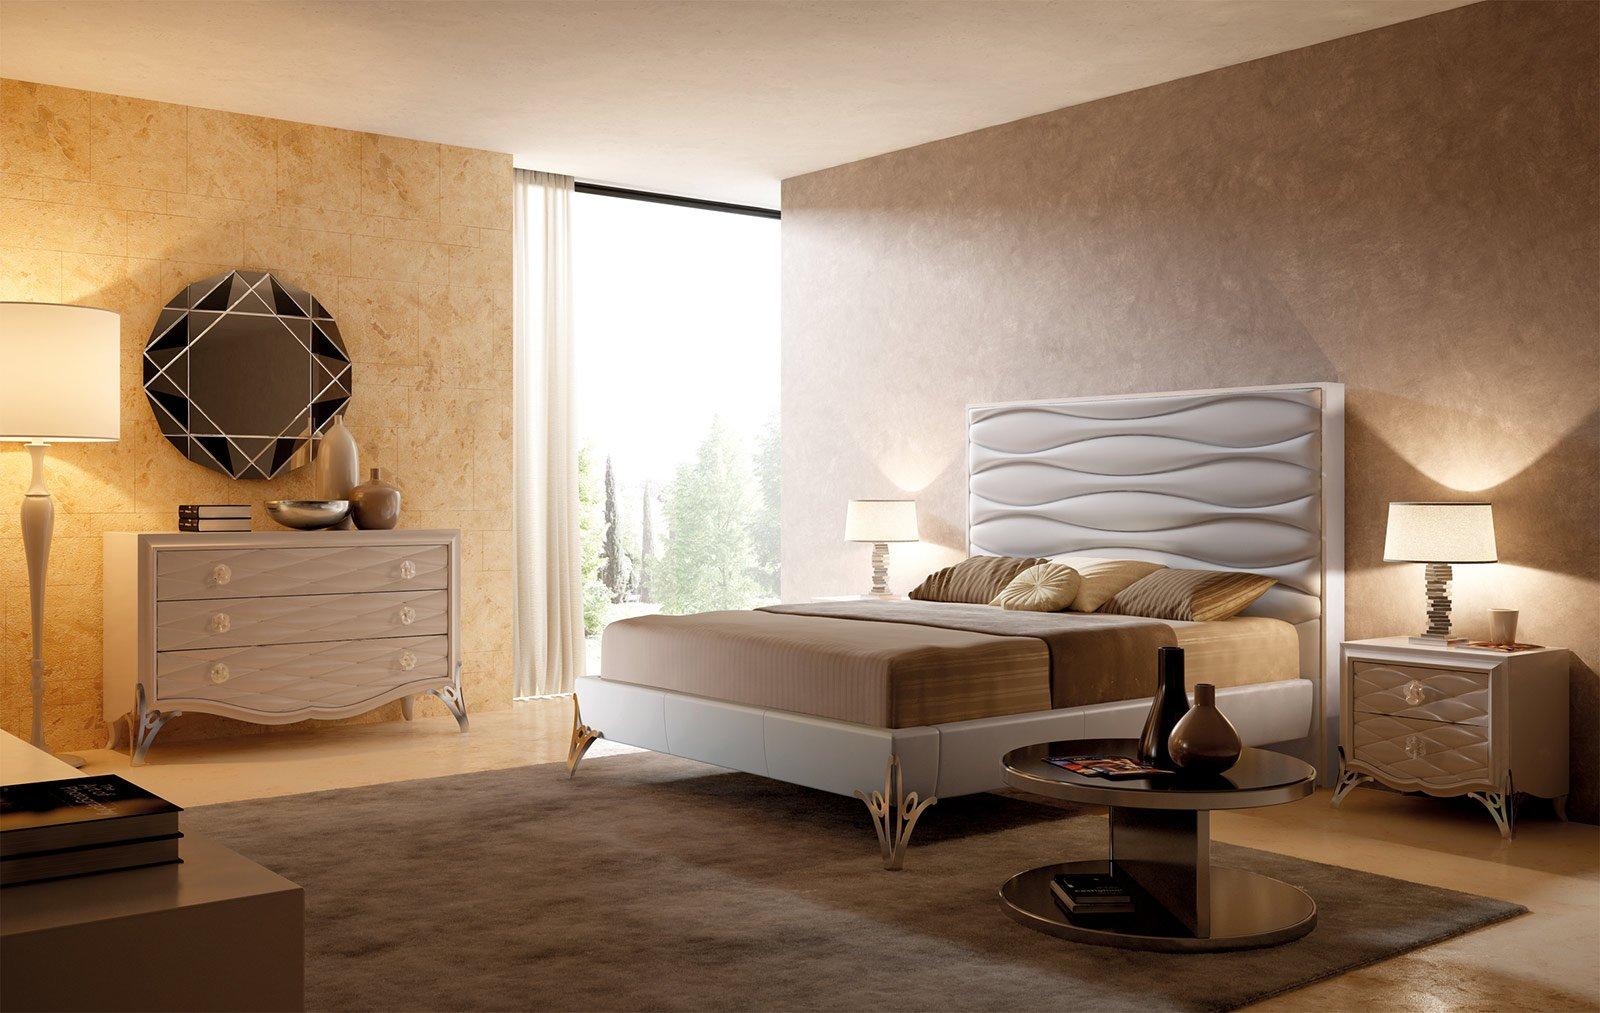 Pareti Cucina Color Tortora: Cucina con pareti color tortora bagno mobili e.